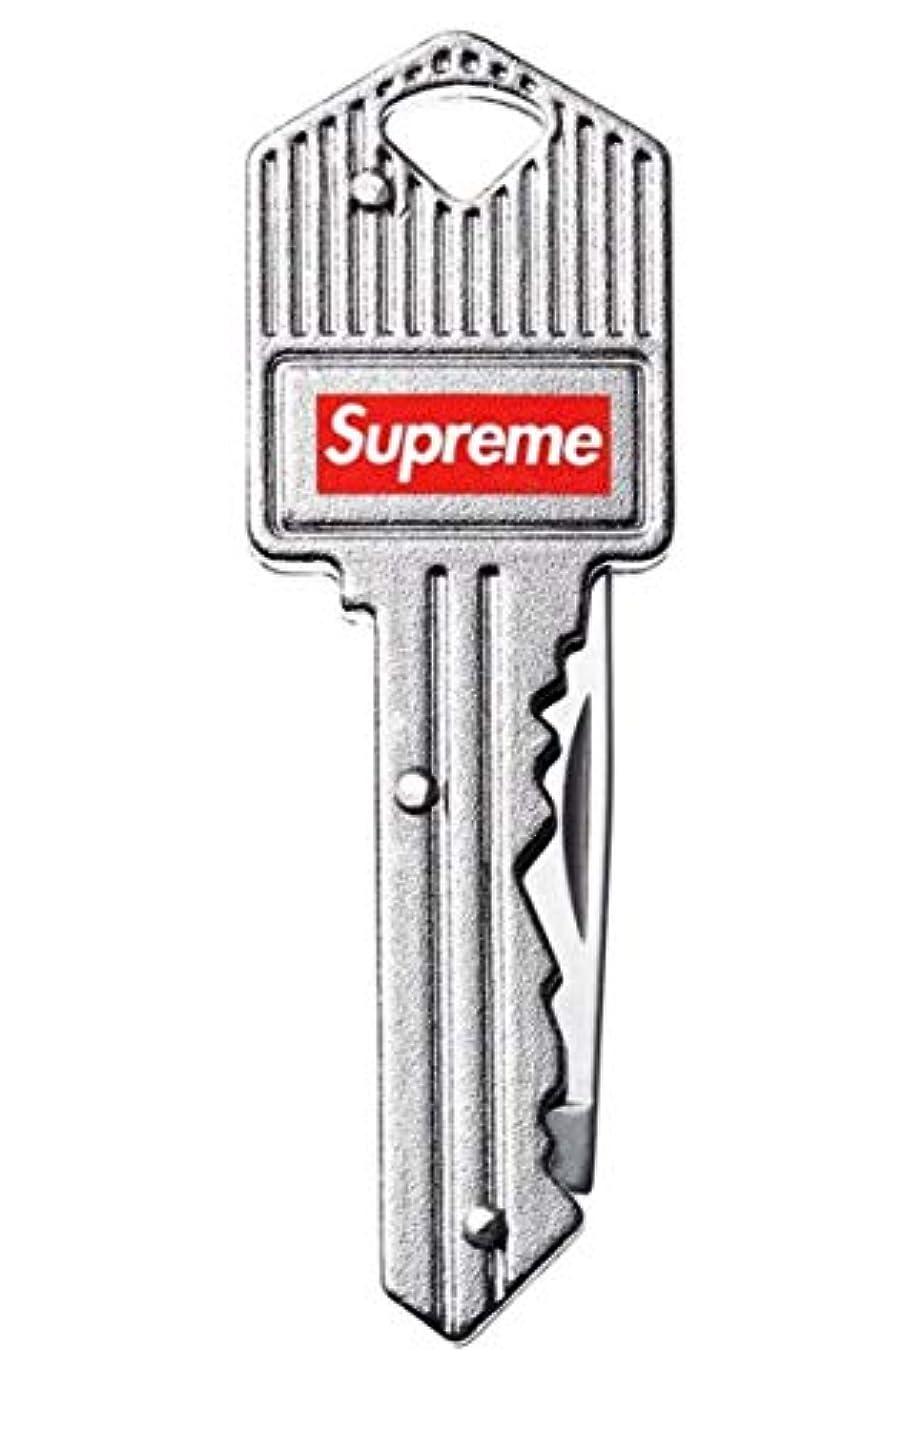 避難広告ツールSupreme Key Knife シュプリーム キーナイフ キーチェーン シルバー